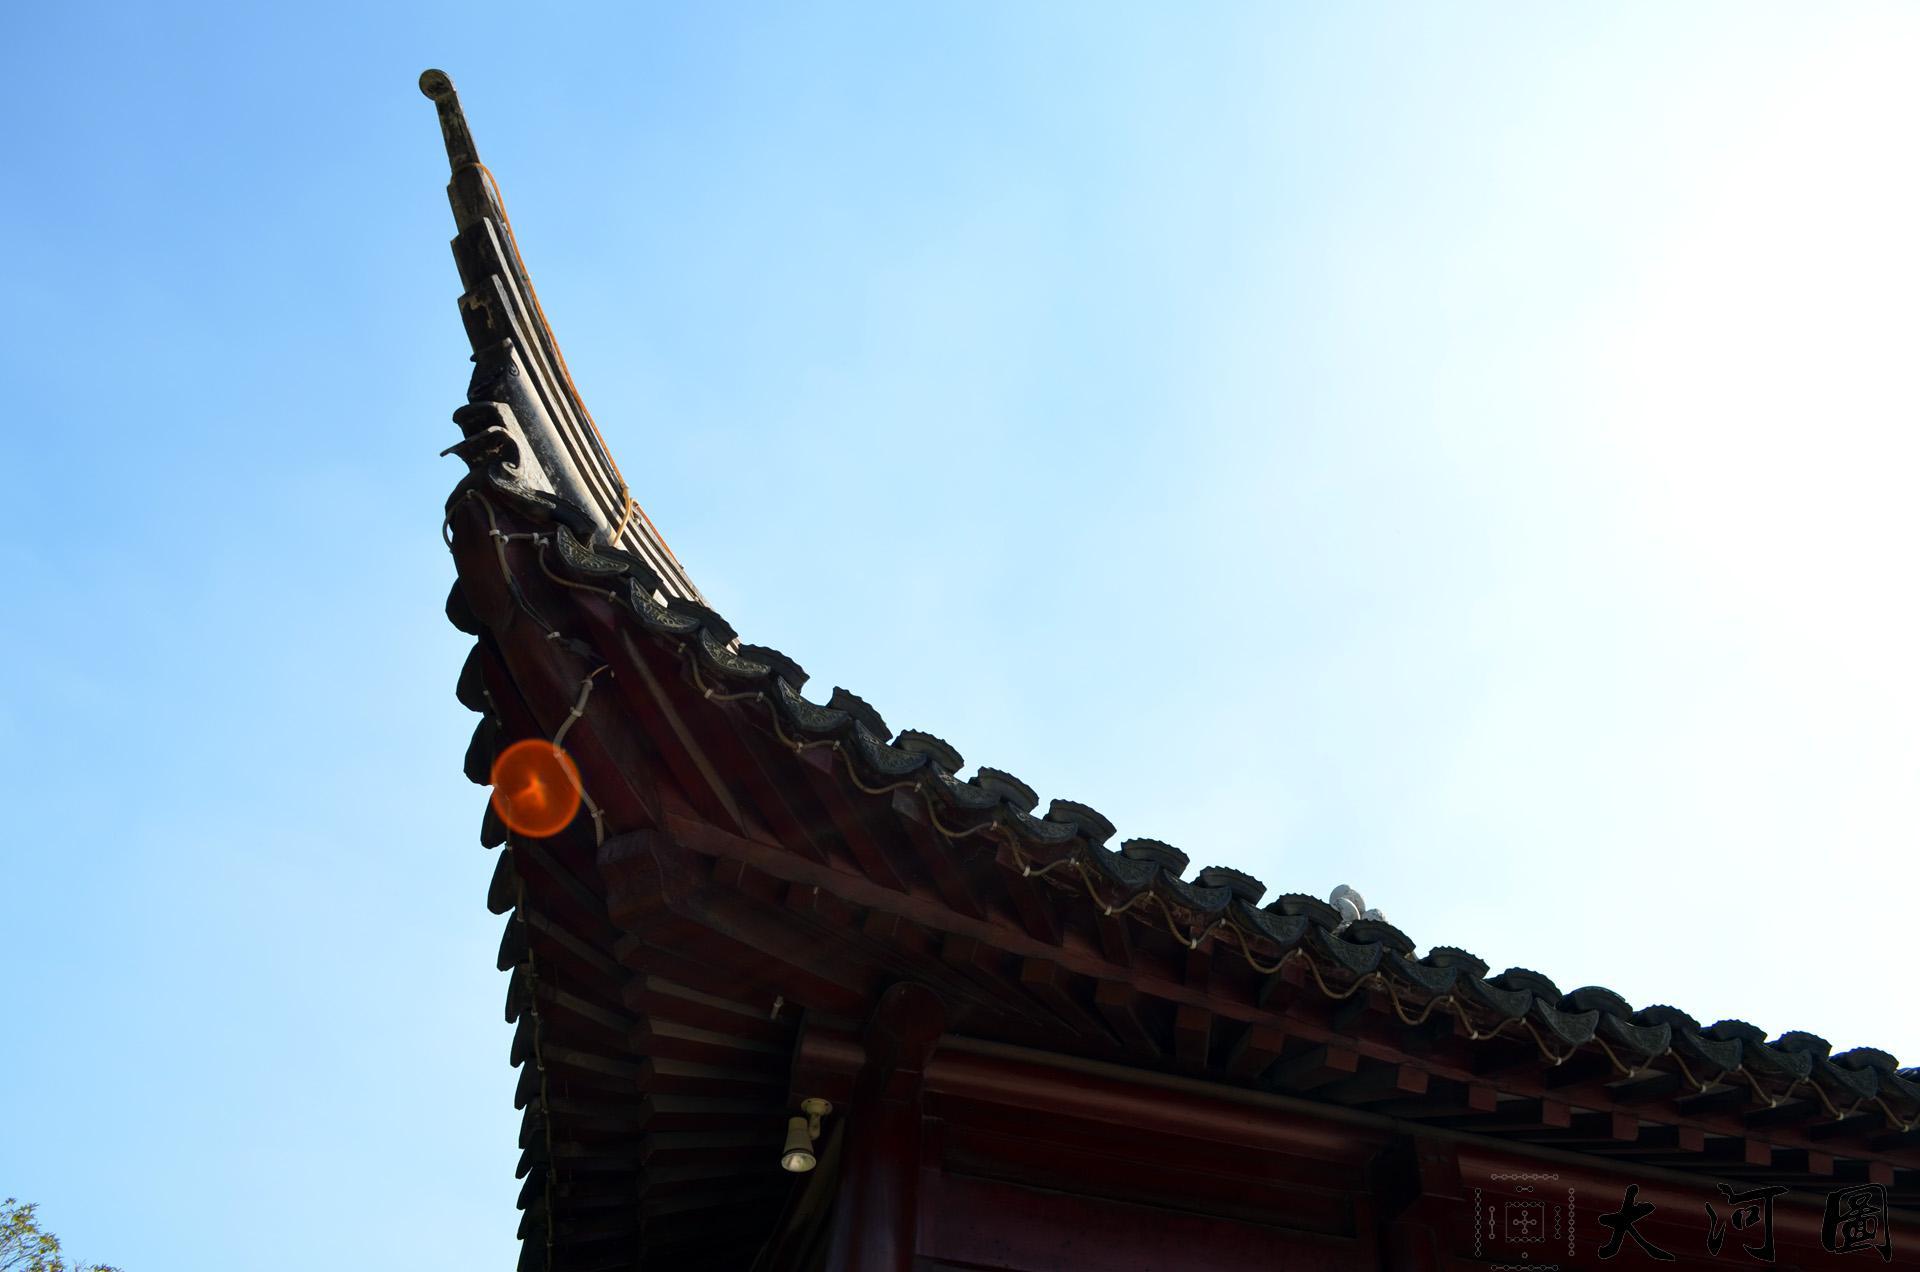 太仓弇山园又名太仓公园夏日风景